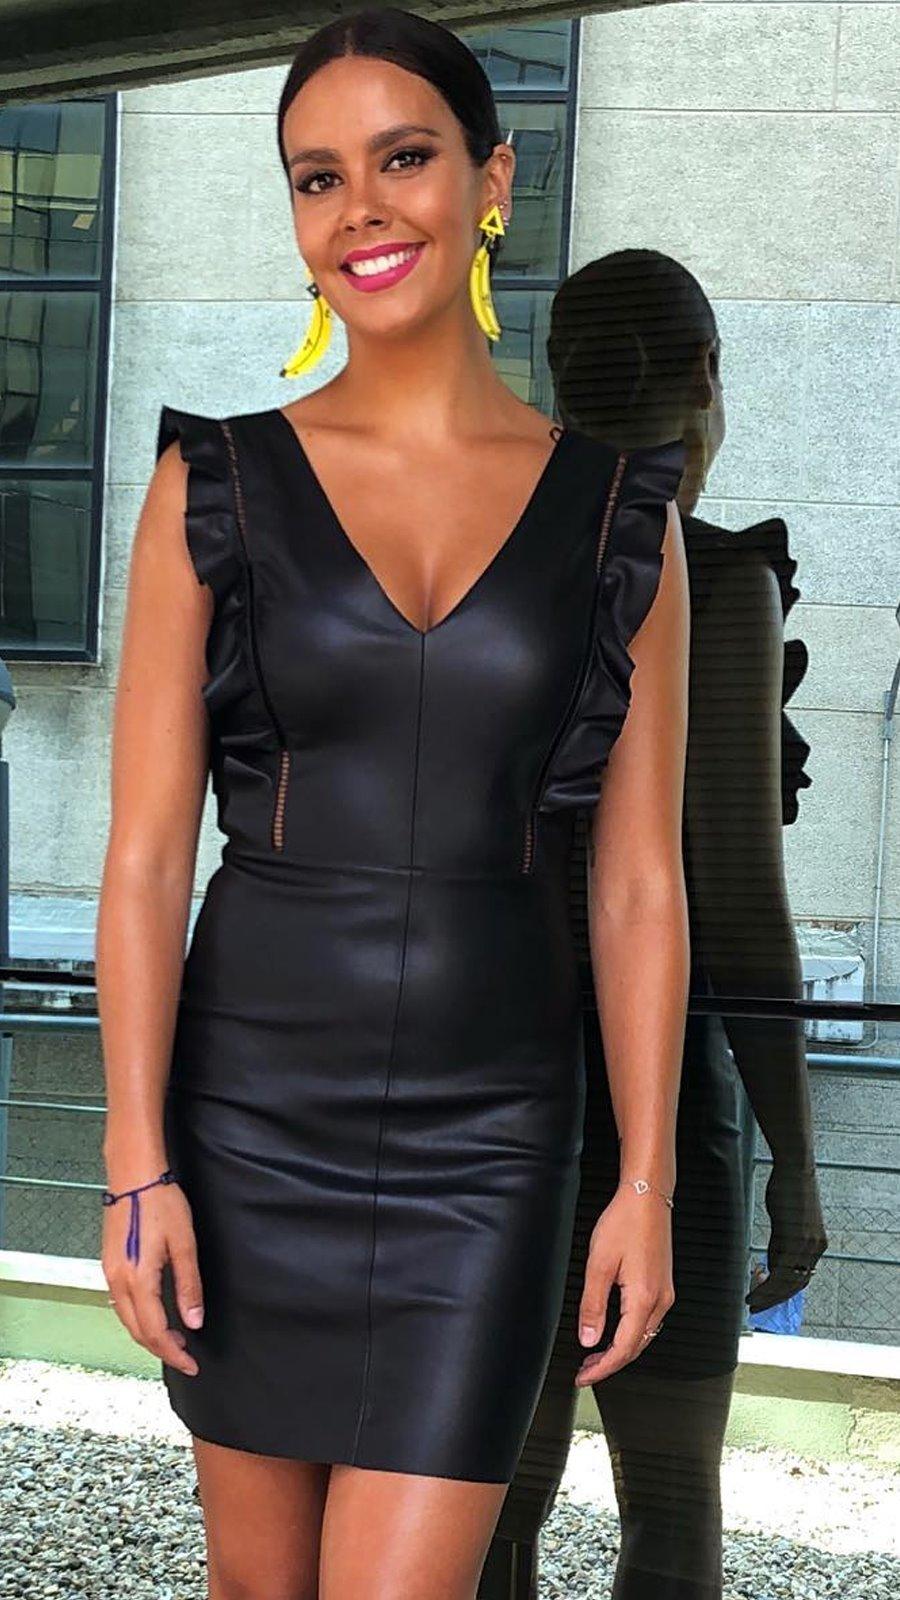 El Corto Vestido Instyle De A Pedroche Vas Tener Cuero Querer Que wvmnPOy0N8